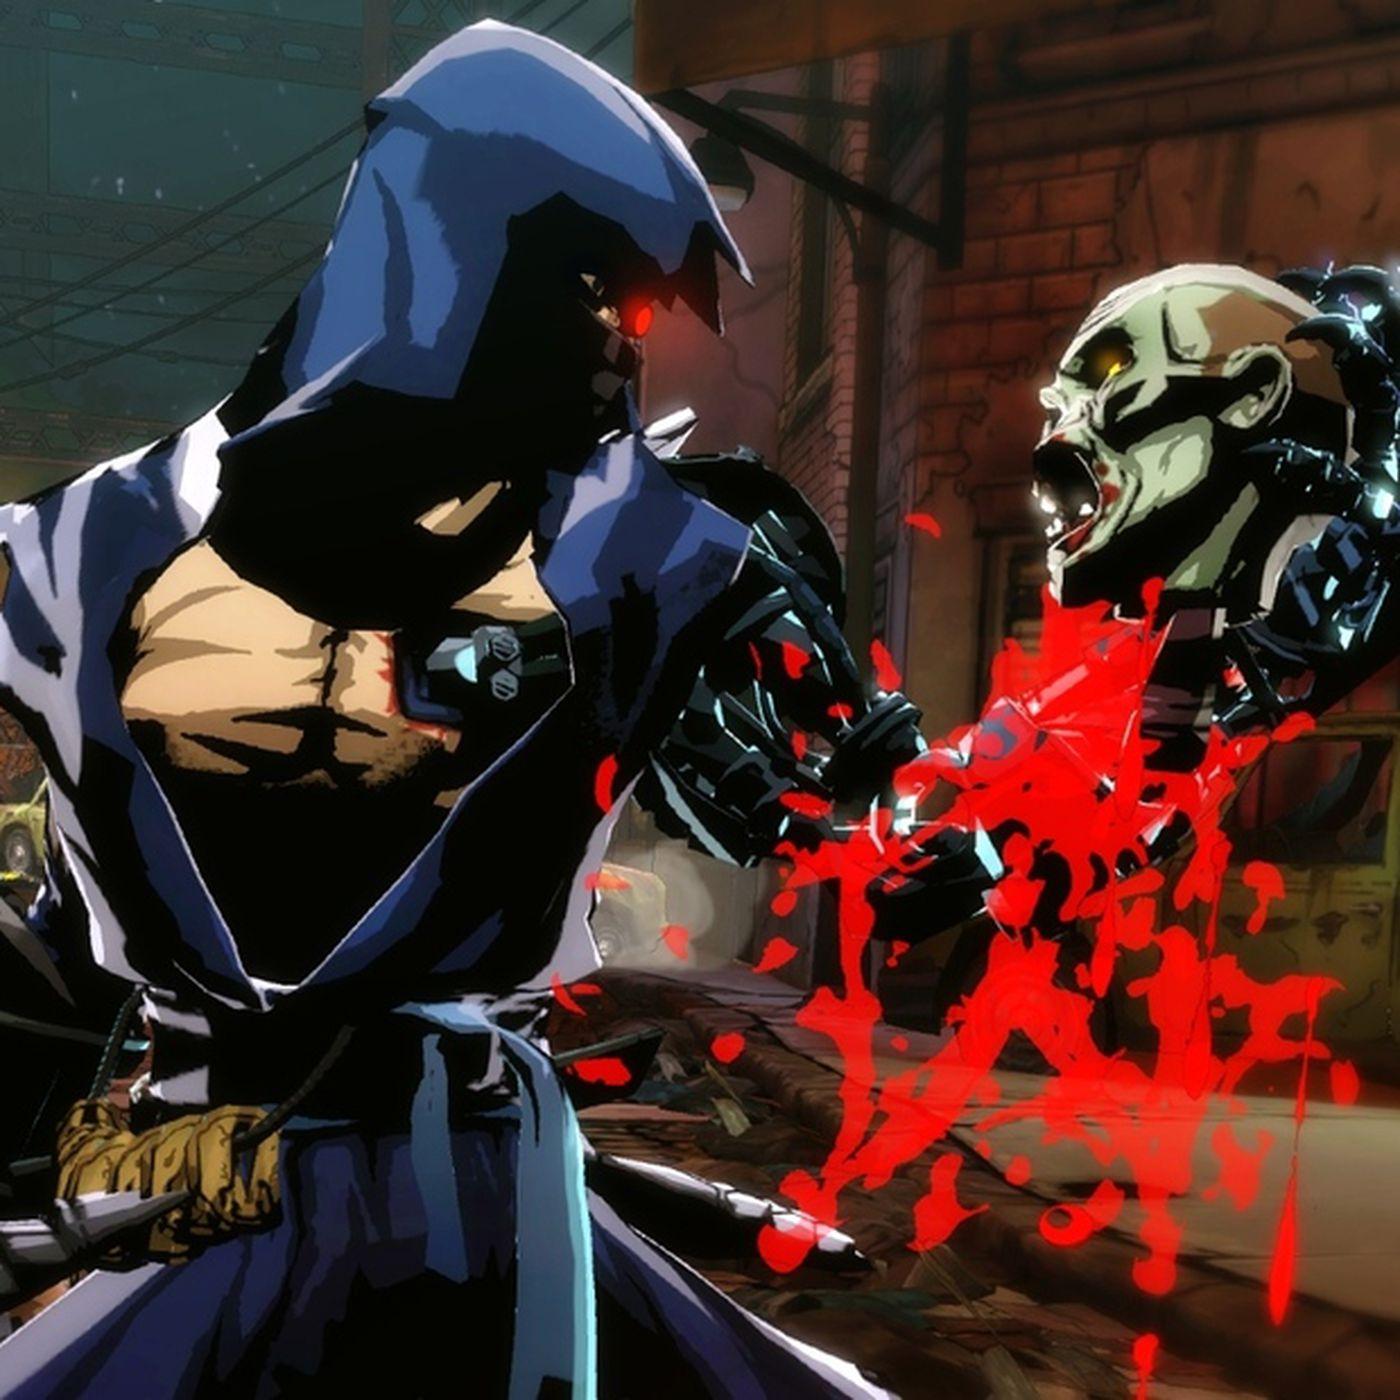 Yaiba Ninja Gaiden Z Lands A March 4 2014 Release Date Polygon